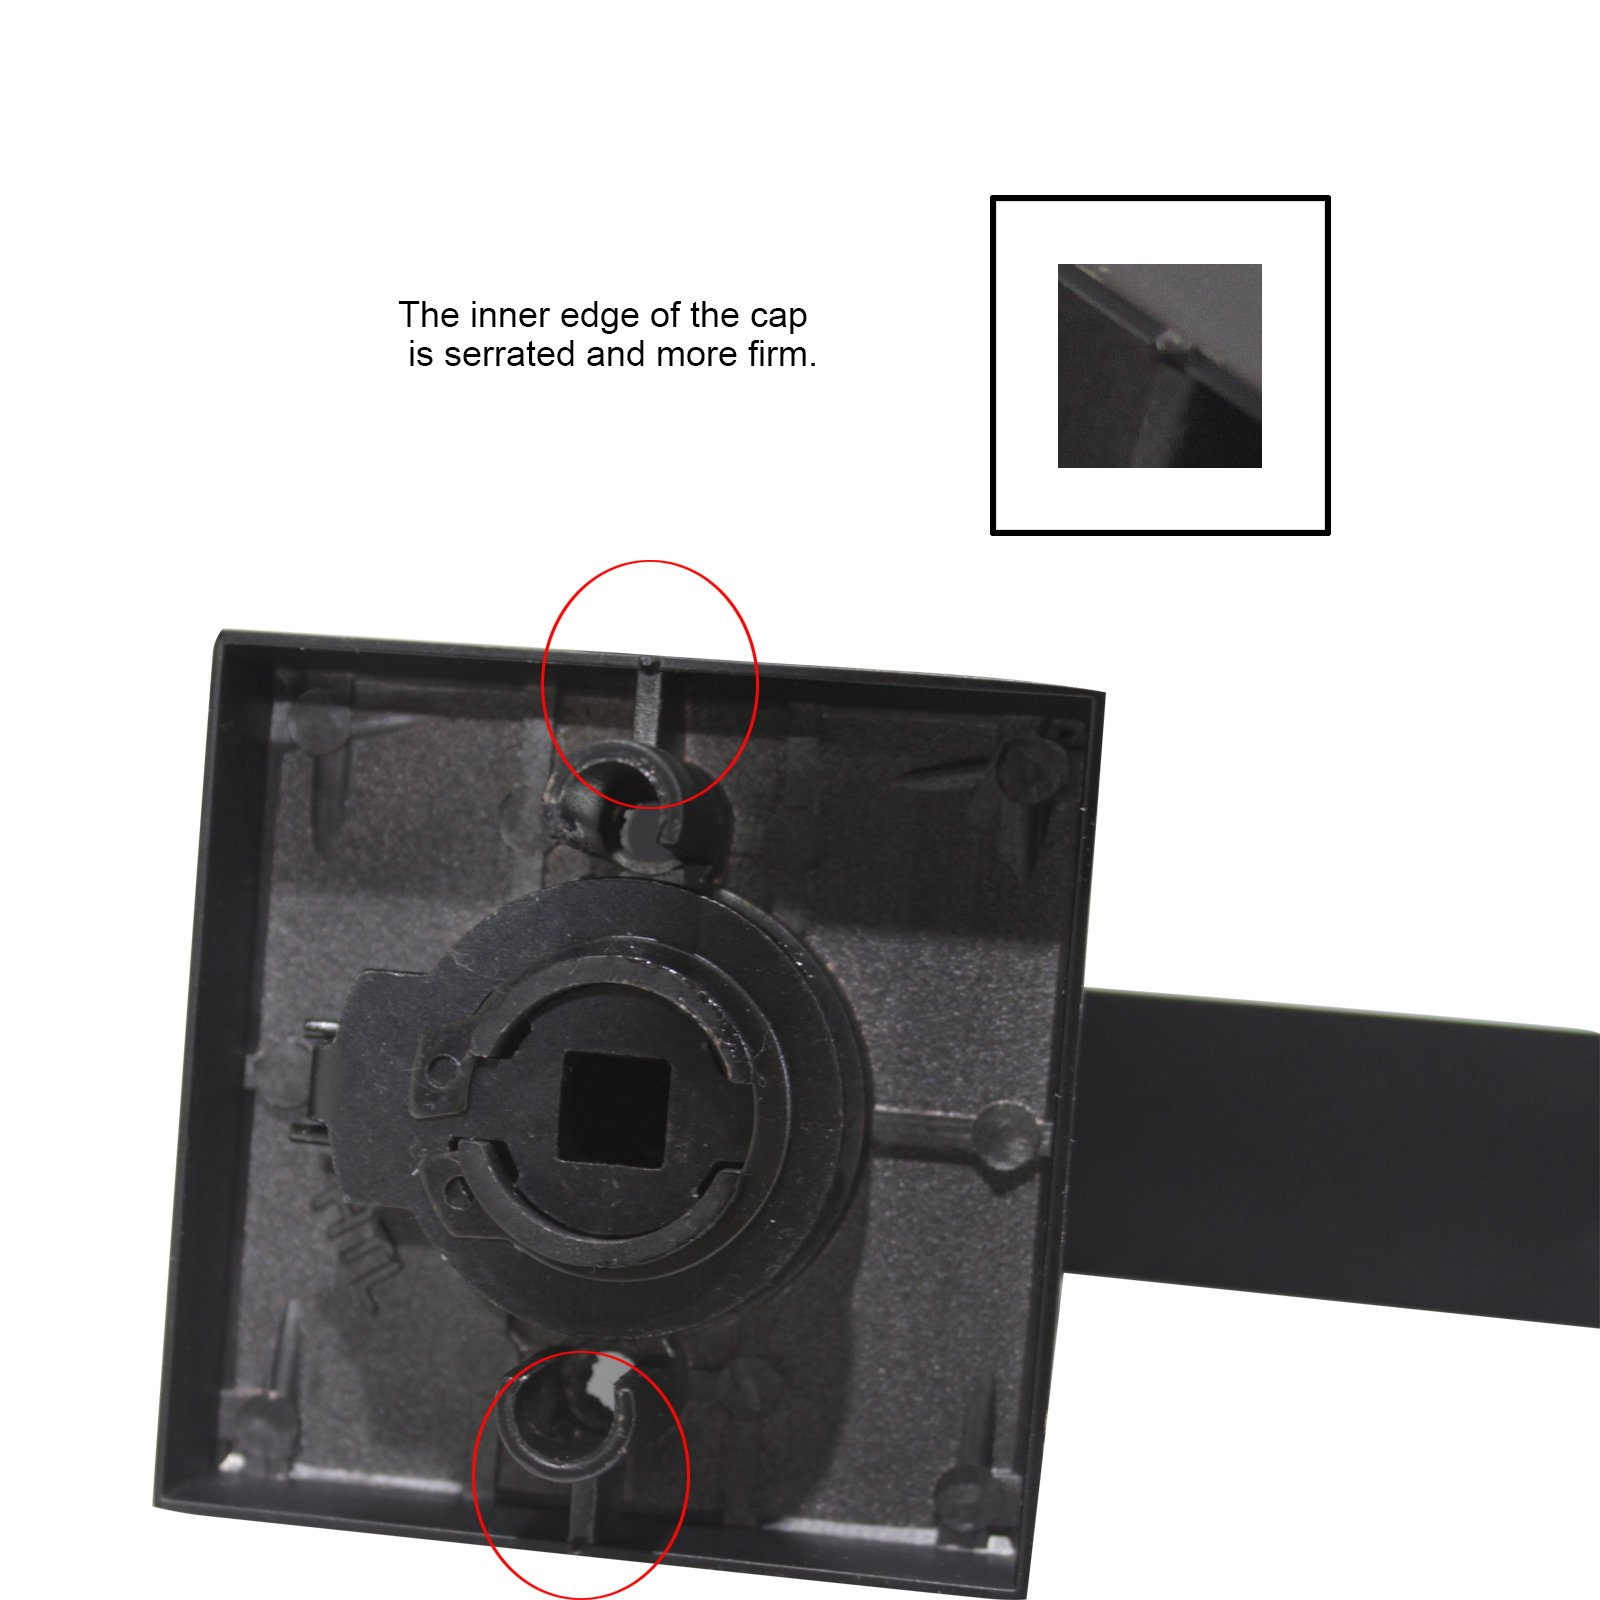 10 Pack Probrico Interior Bedroom Entrance Door Lever Doorknobs Door Lock One Keyway Entry Keyed Alike Same Key Entrance Lockset in Black Each with 3 Keys by Probrico (Image #6)